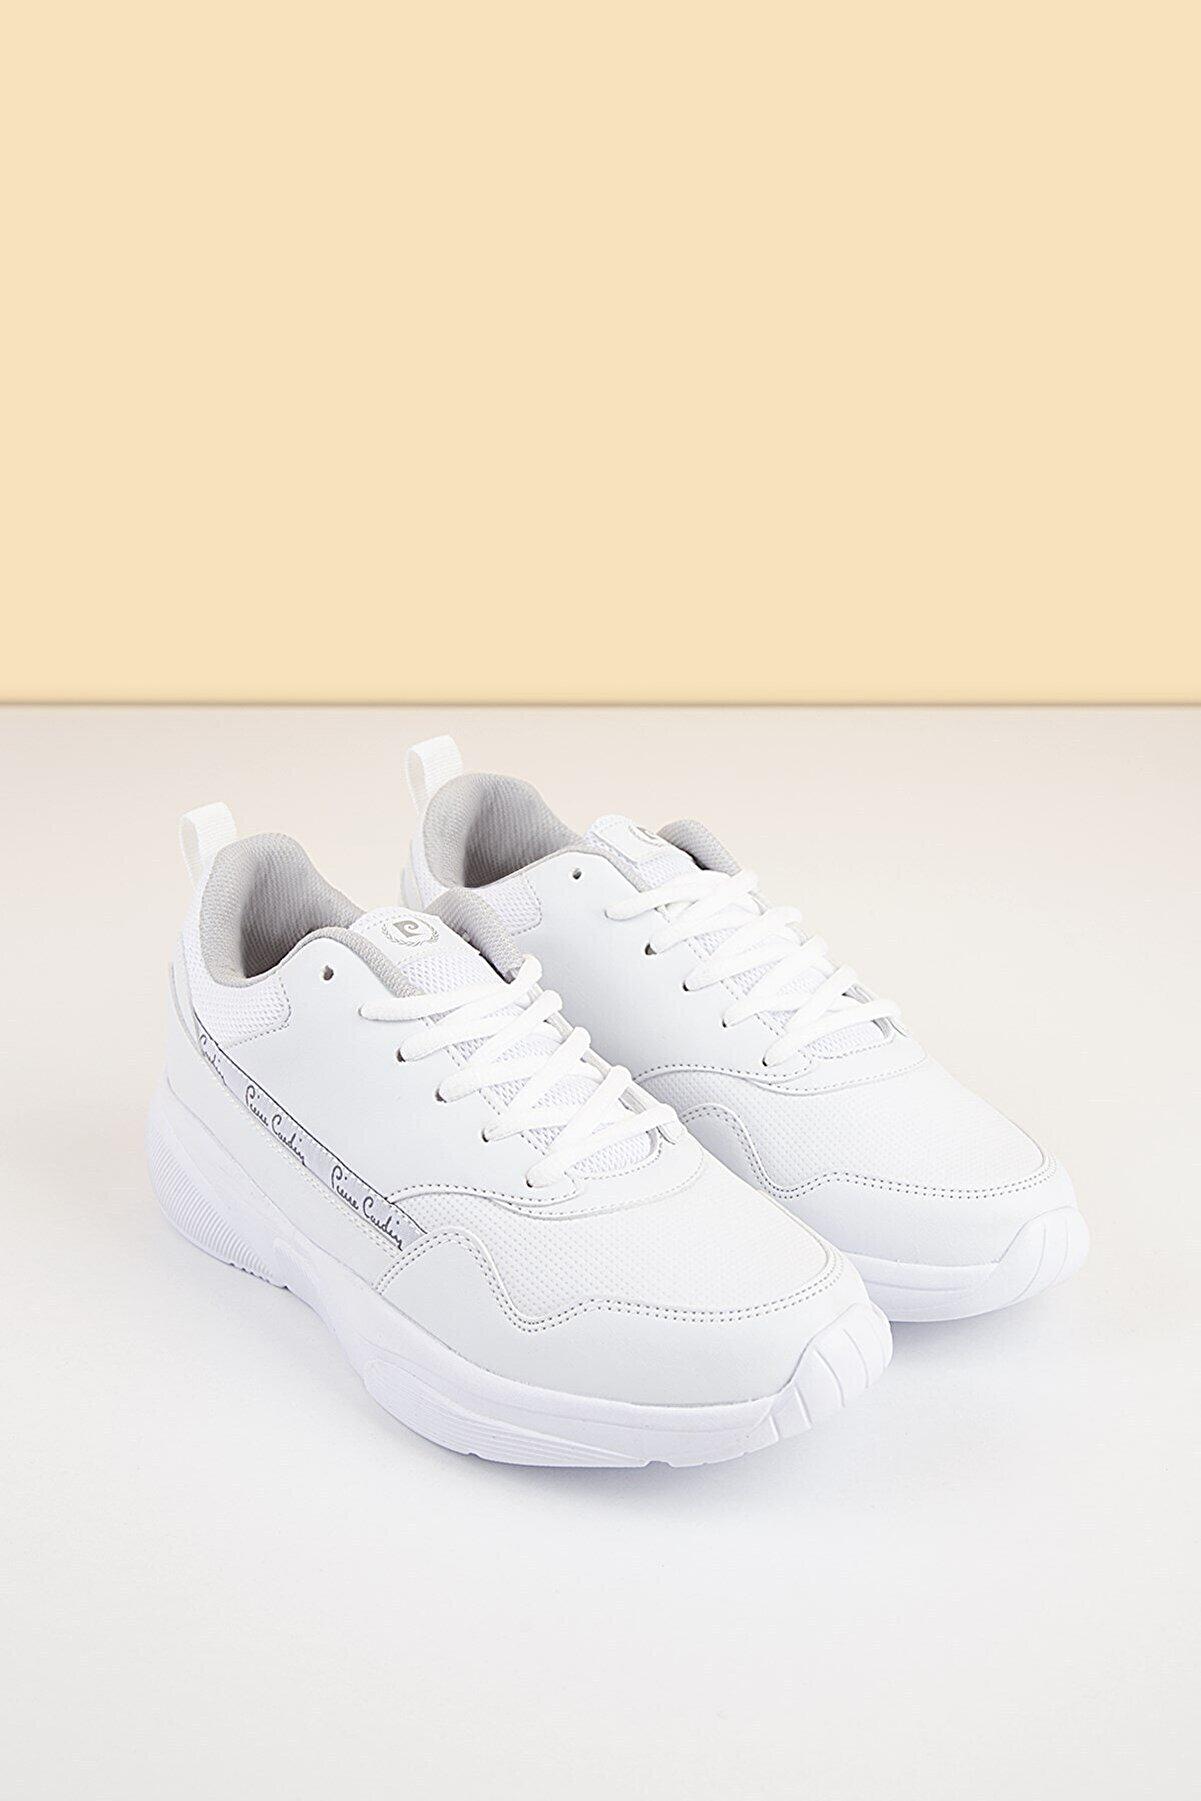 Pierre Cardin PC-30478 Beyaz Kadın Spor Ayakkabı